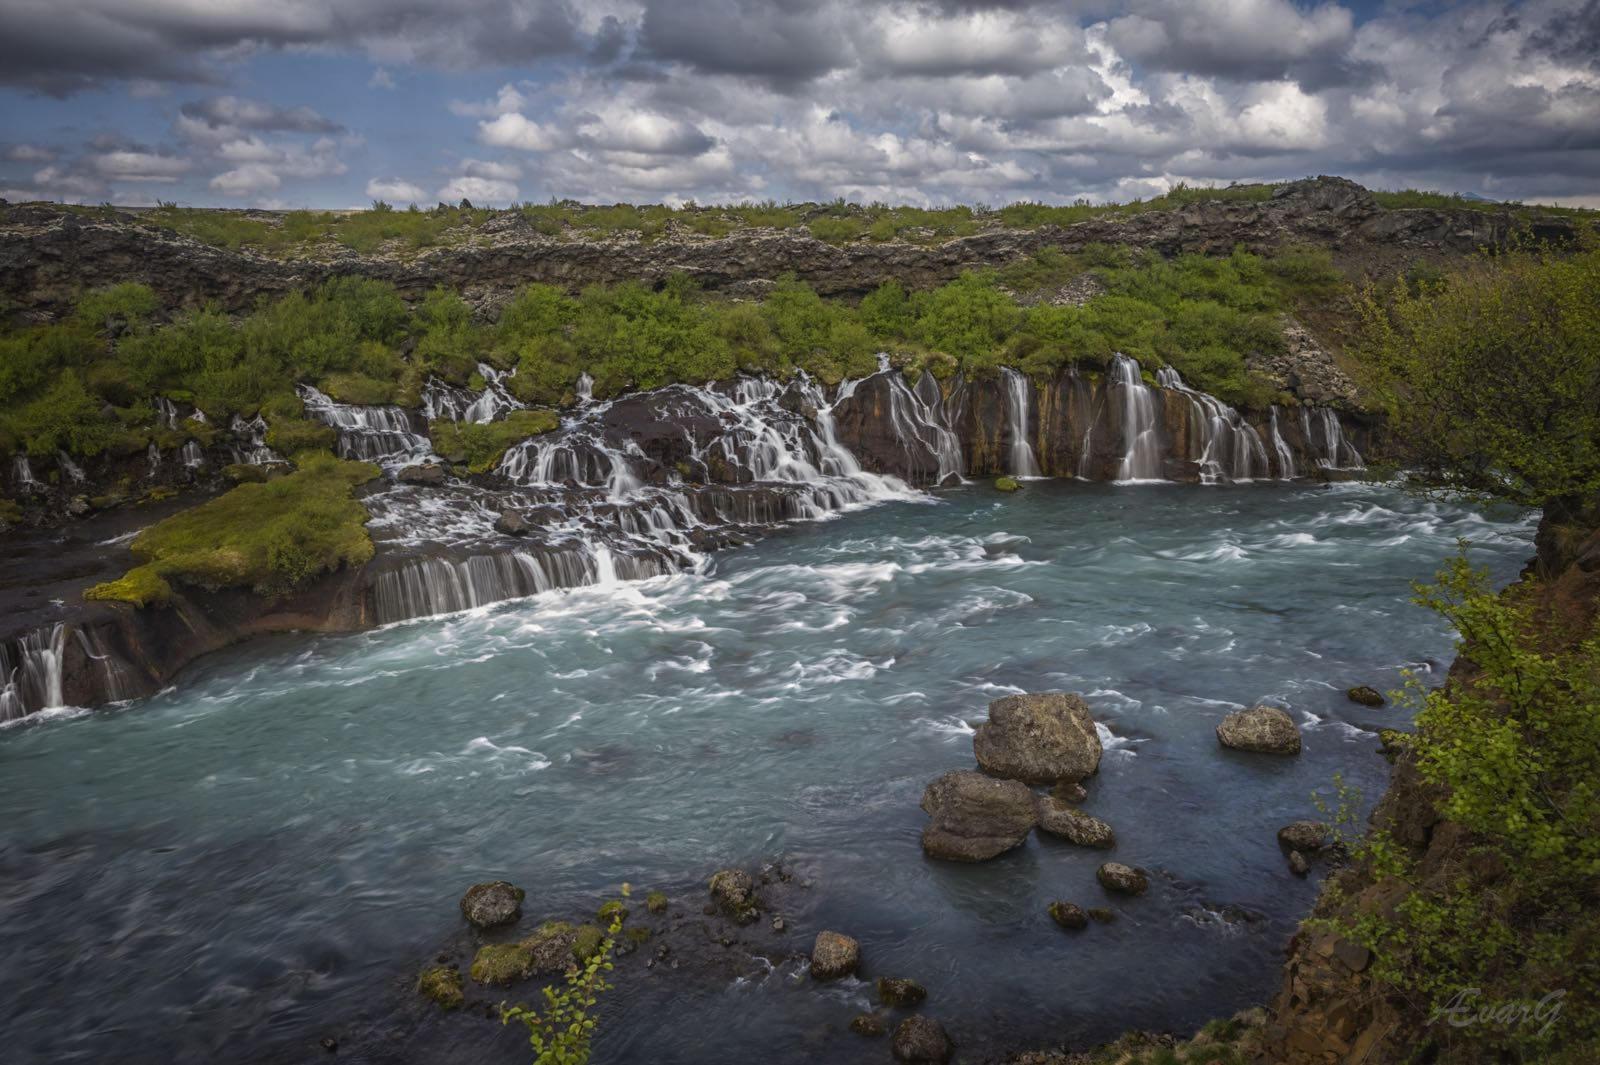 La cascade de Hraunfossar est alimentée par toute une série de petits ruisseaux sillonnant un vaste champ de lave dans l'Est de l'Islande.